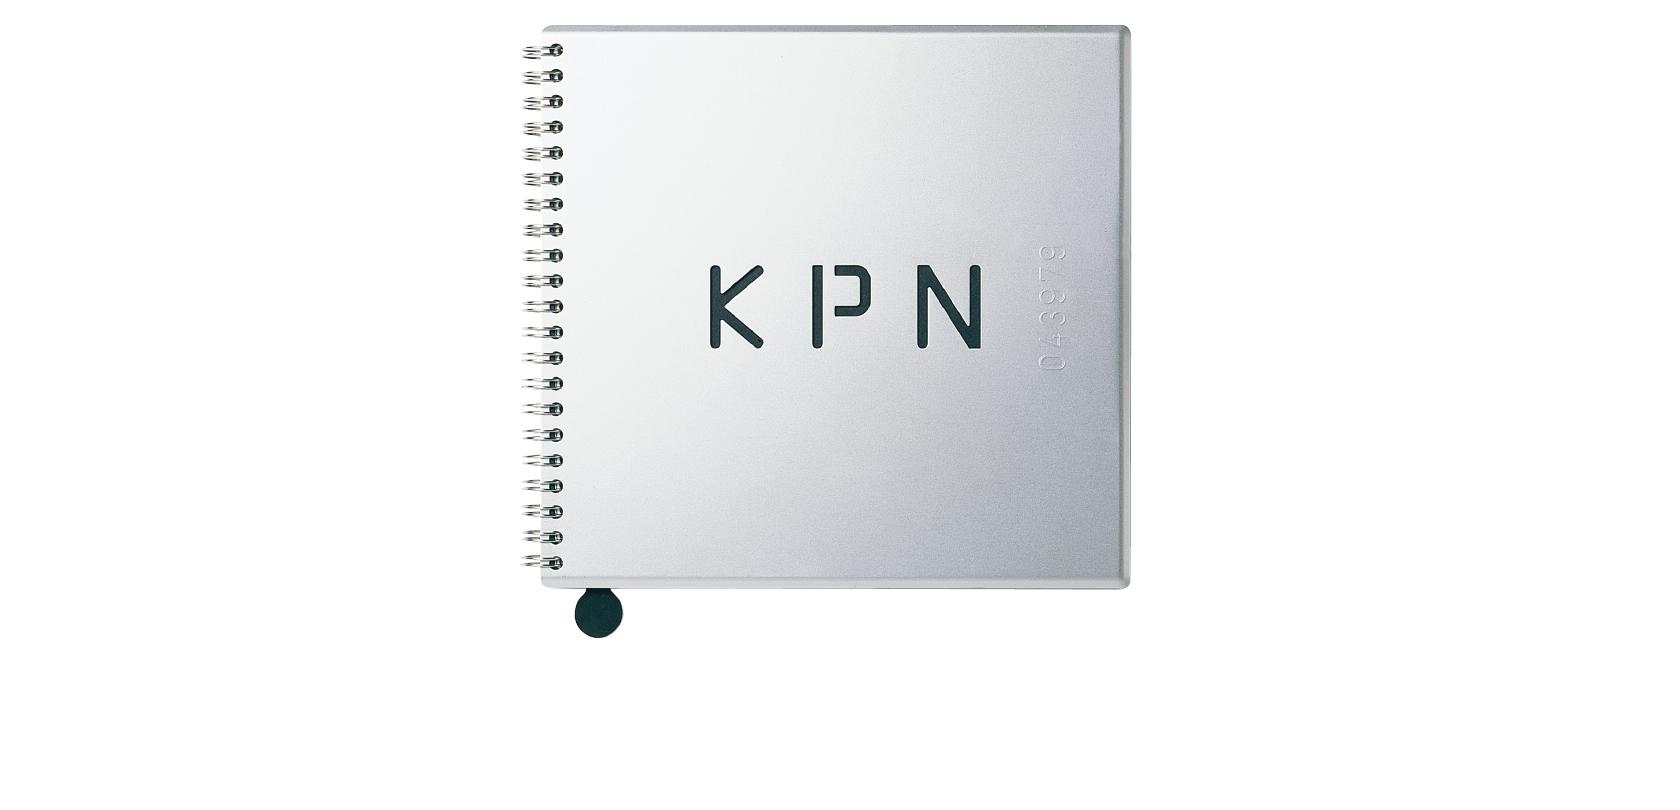 KPN_1680x810